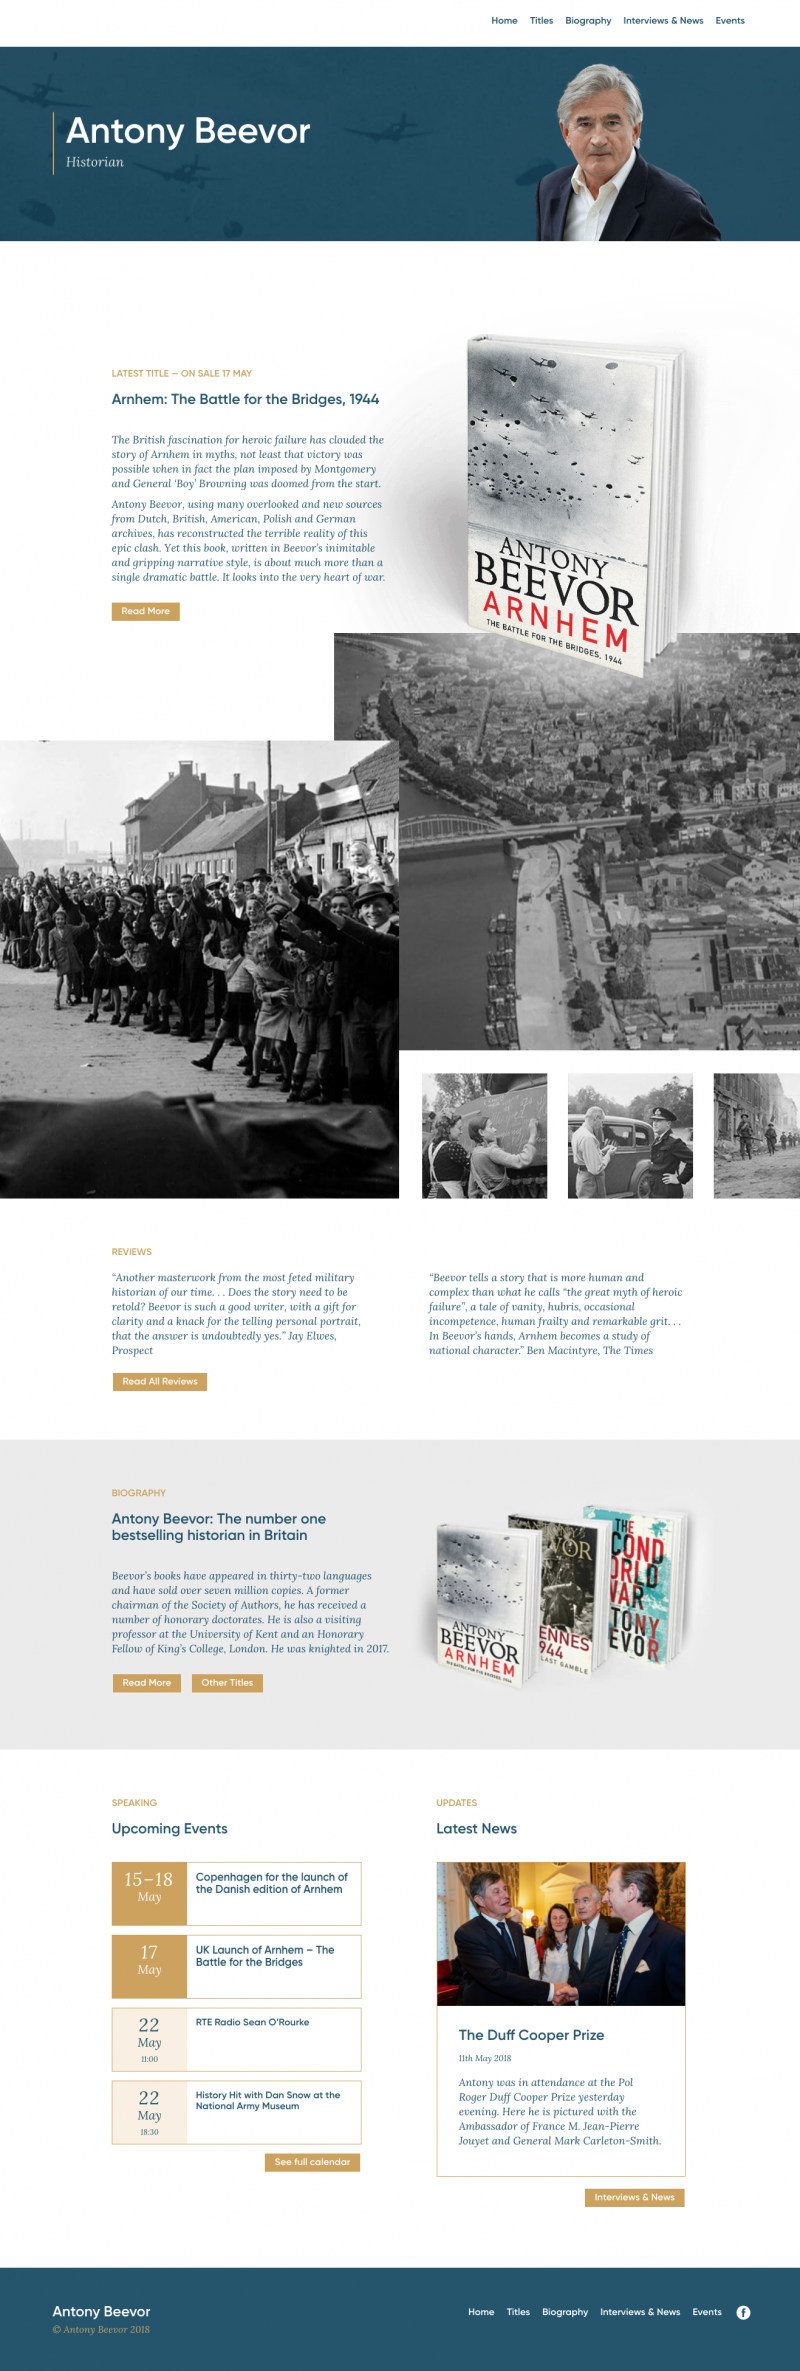 Antony Beevor Author Website Website